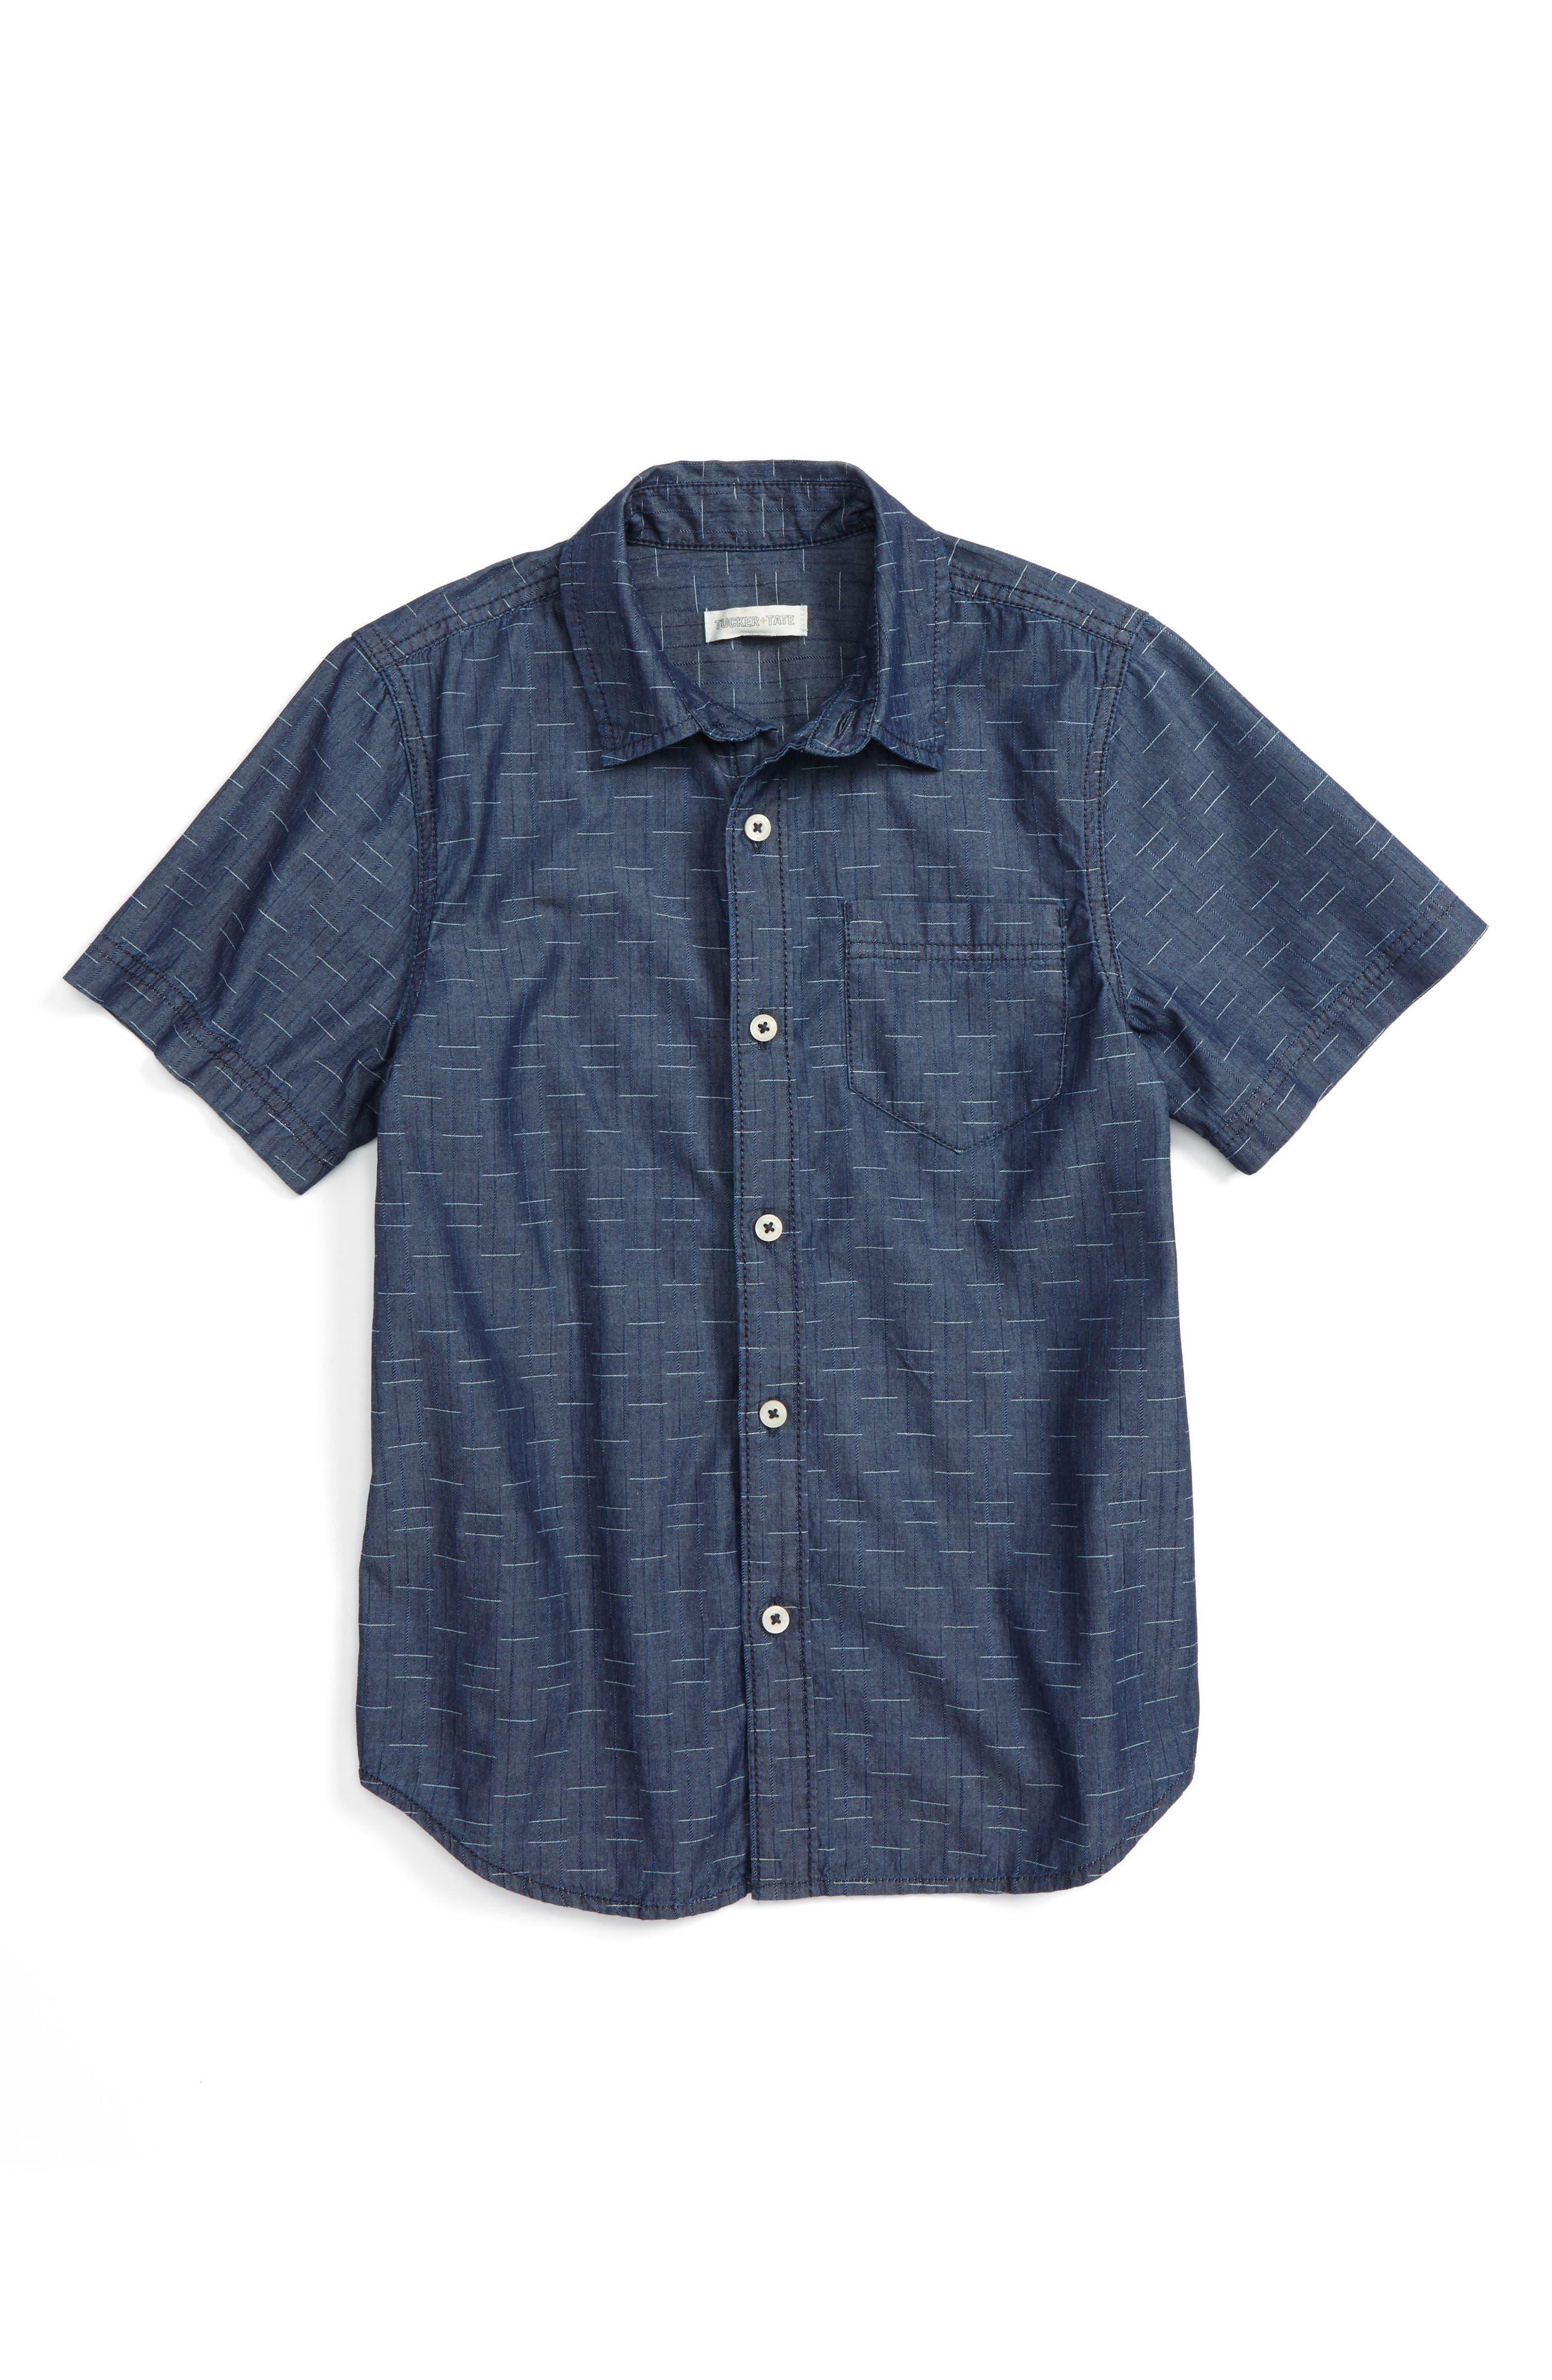 TUCKER + TATE Indigo Woven Shirt